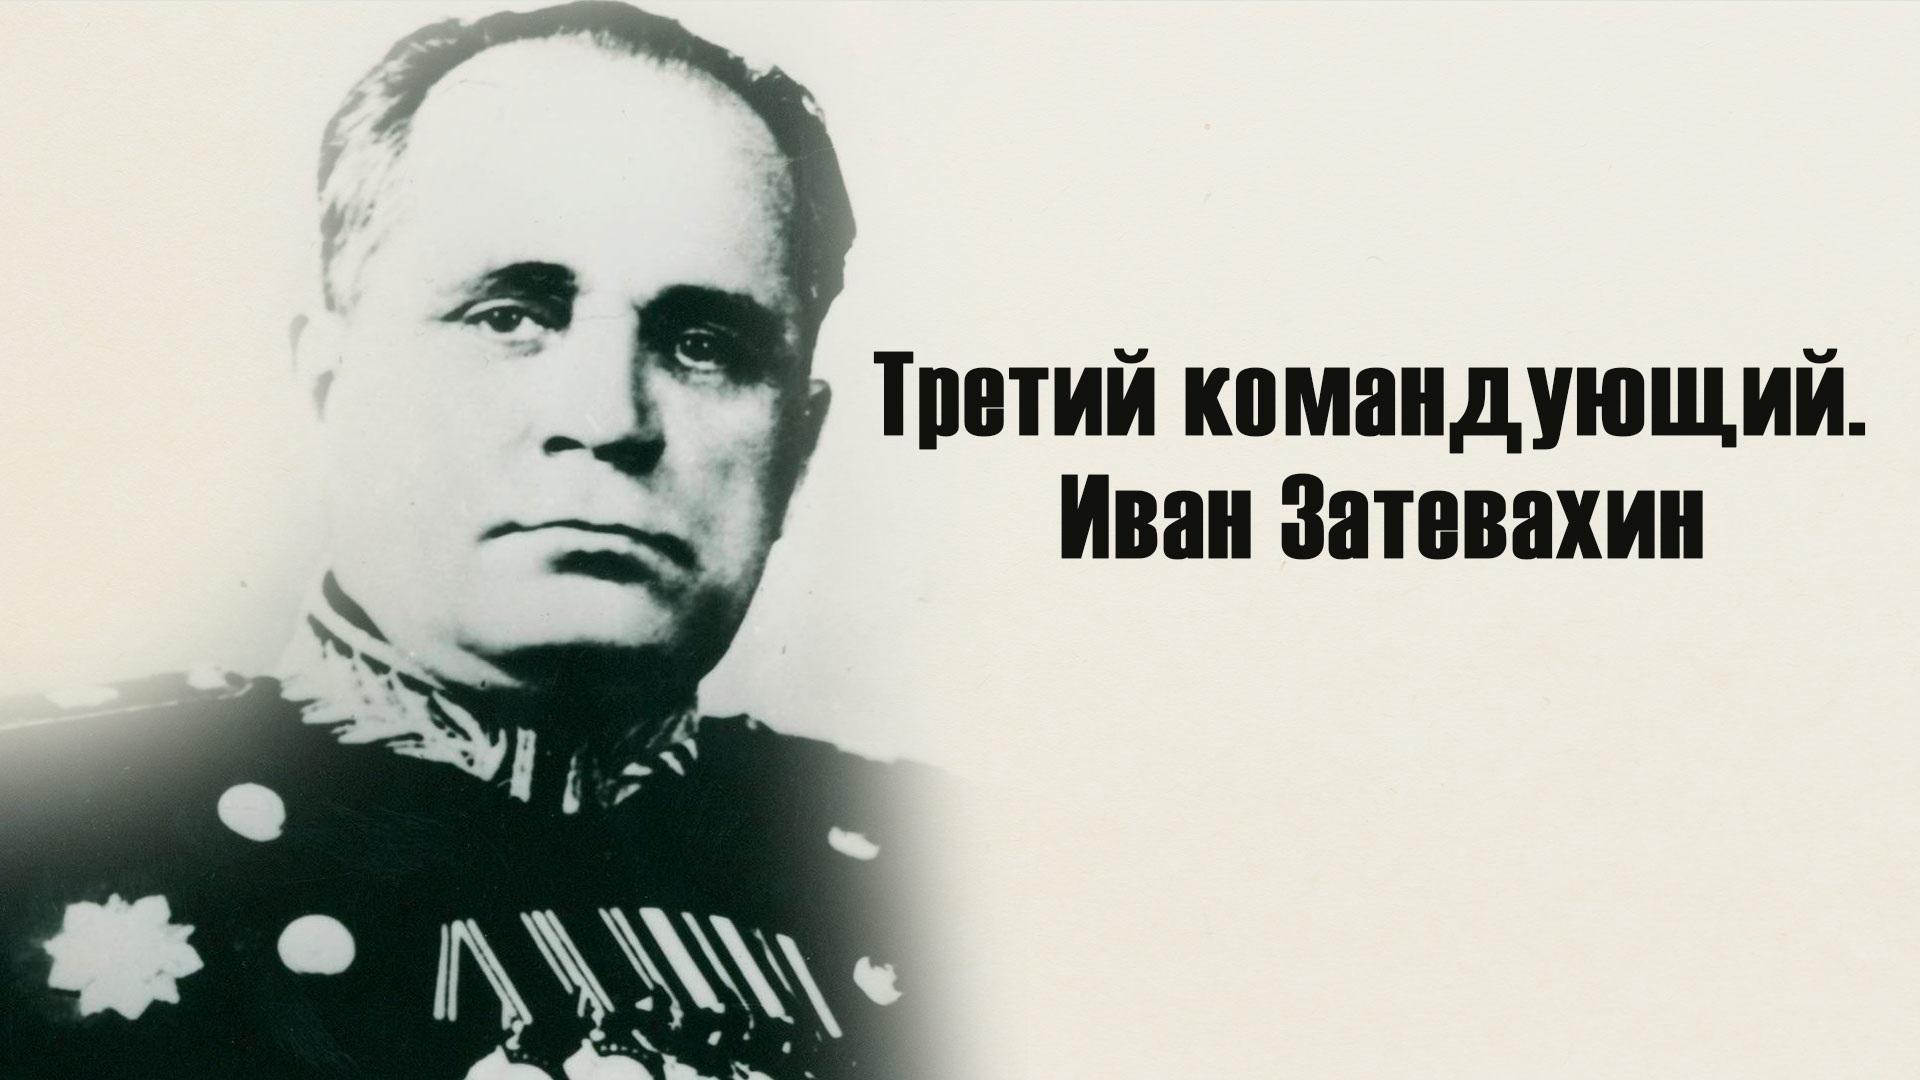 Третий командующий. Иван Затевахин